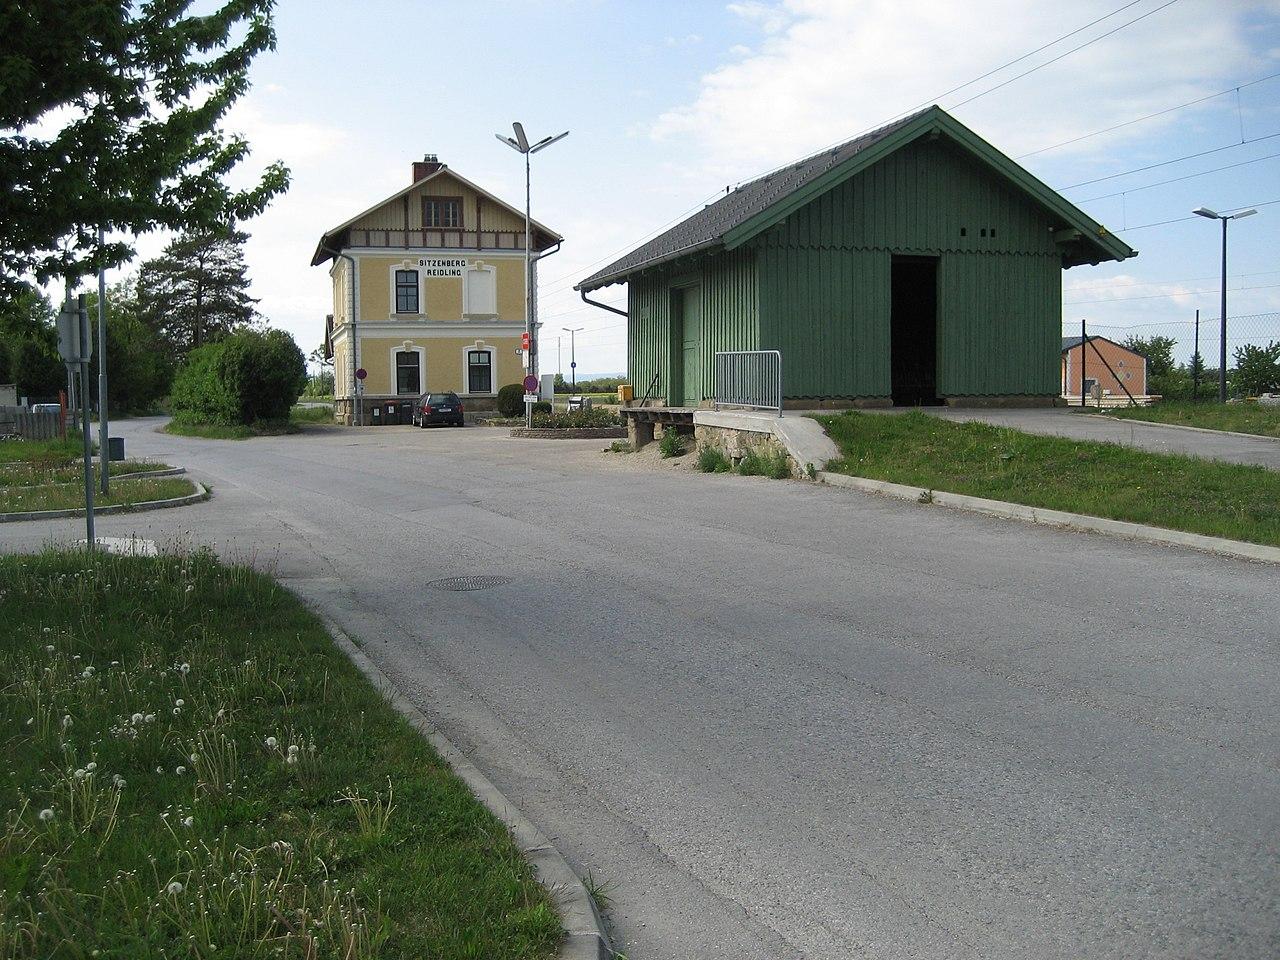 Schloss Sitzenberg - Venue - WIEN-TICKET